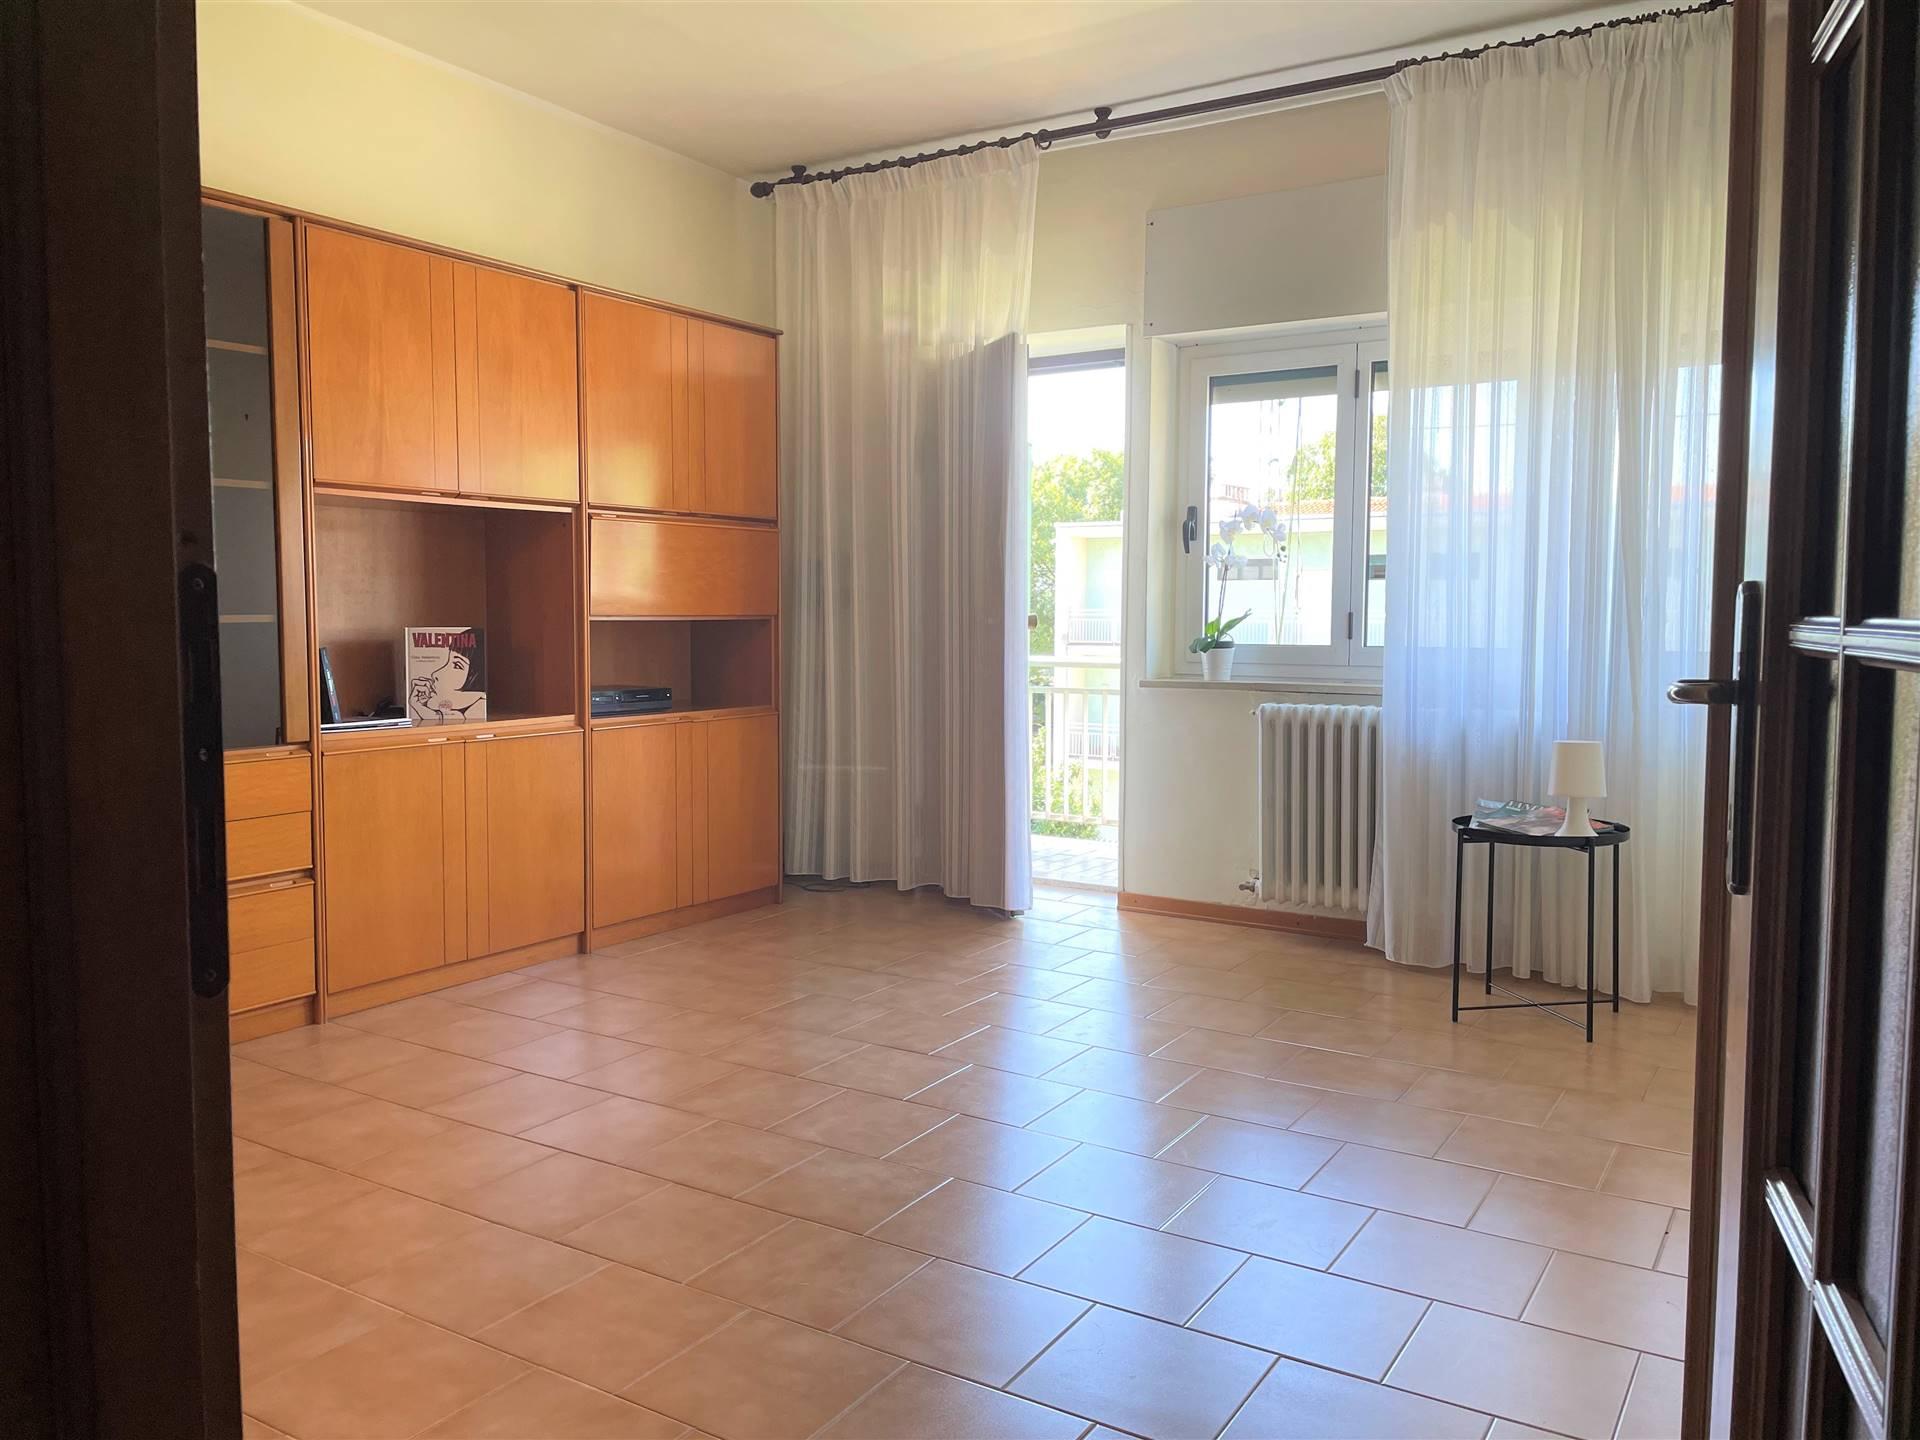 Appartamento in vendita a Ivrea, 2 locali, zona Località: SAN GRATO, prezzo € 47.000 | PortaleAgenzieImmobiliari.it